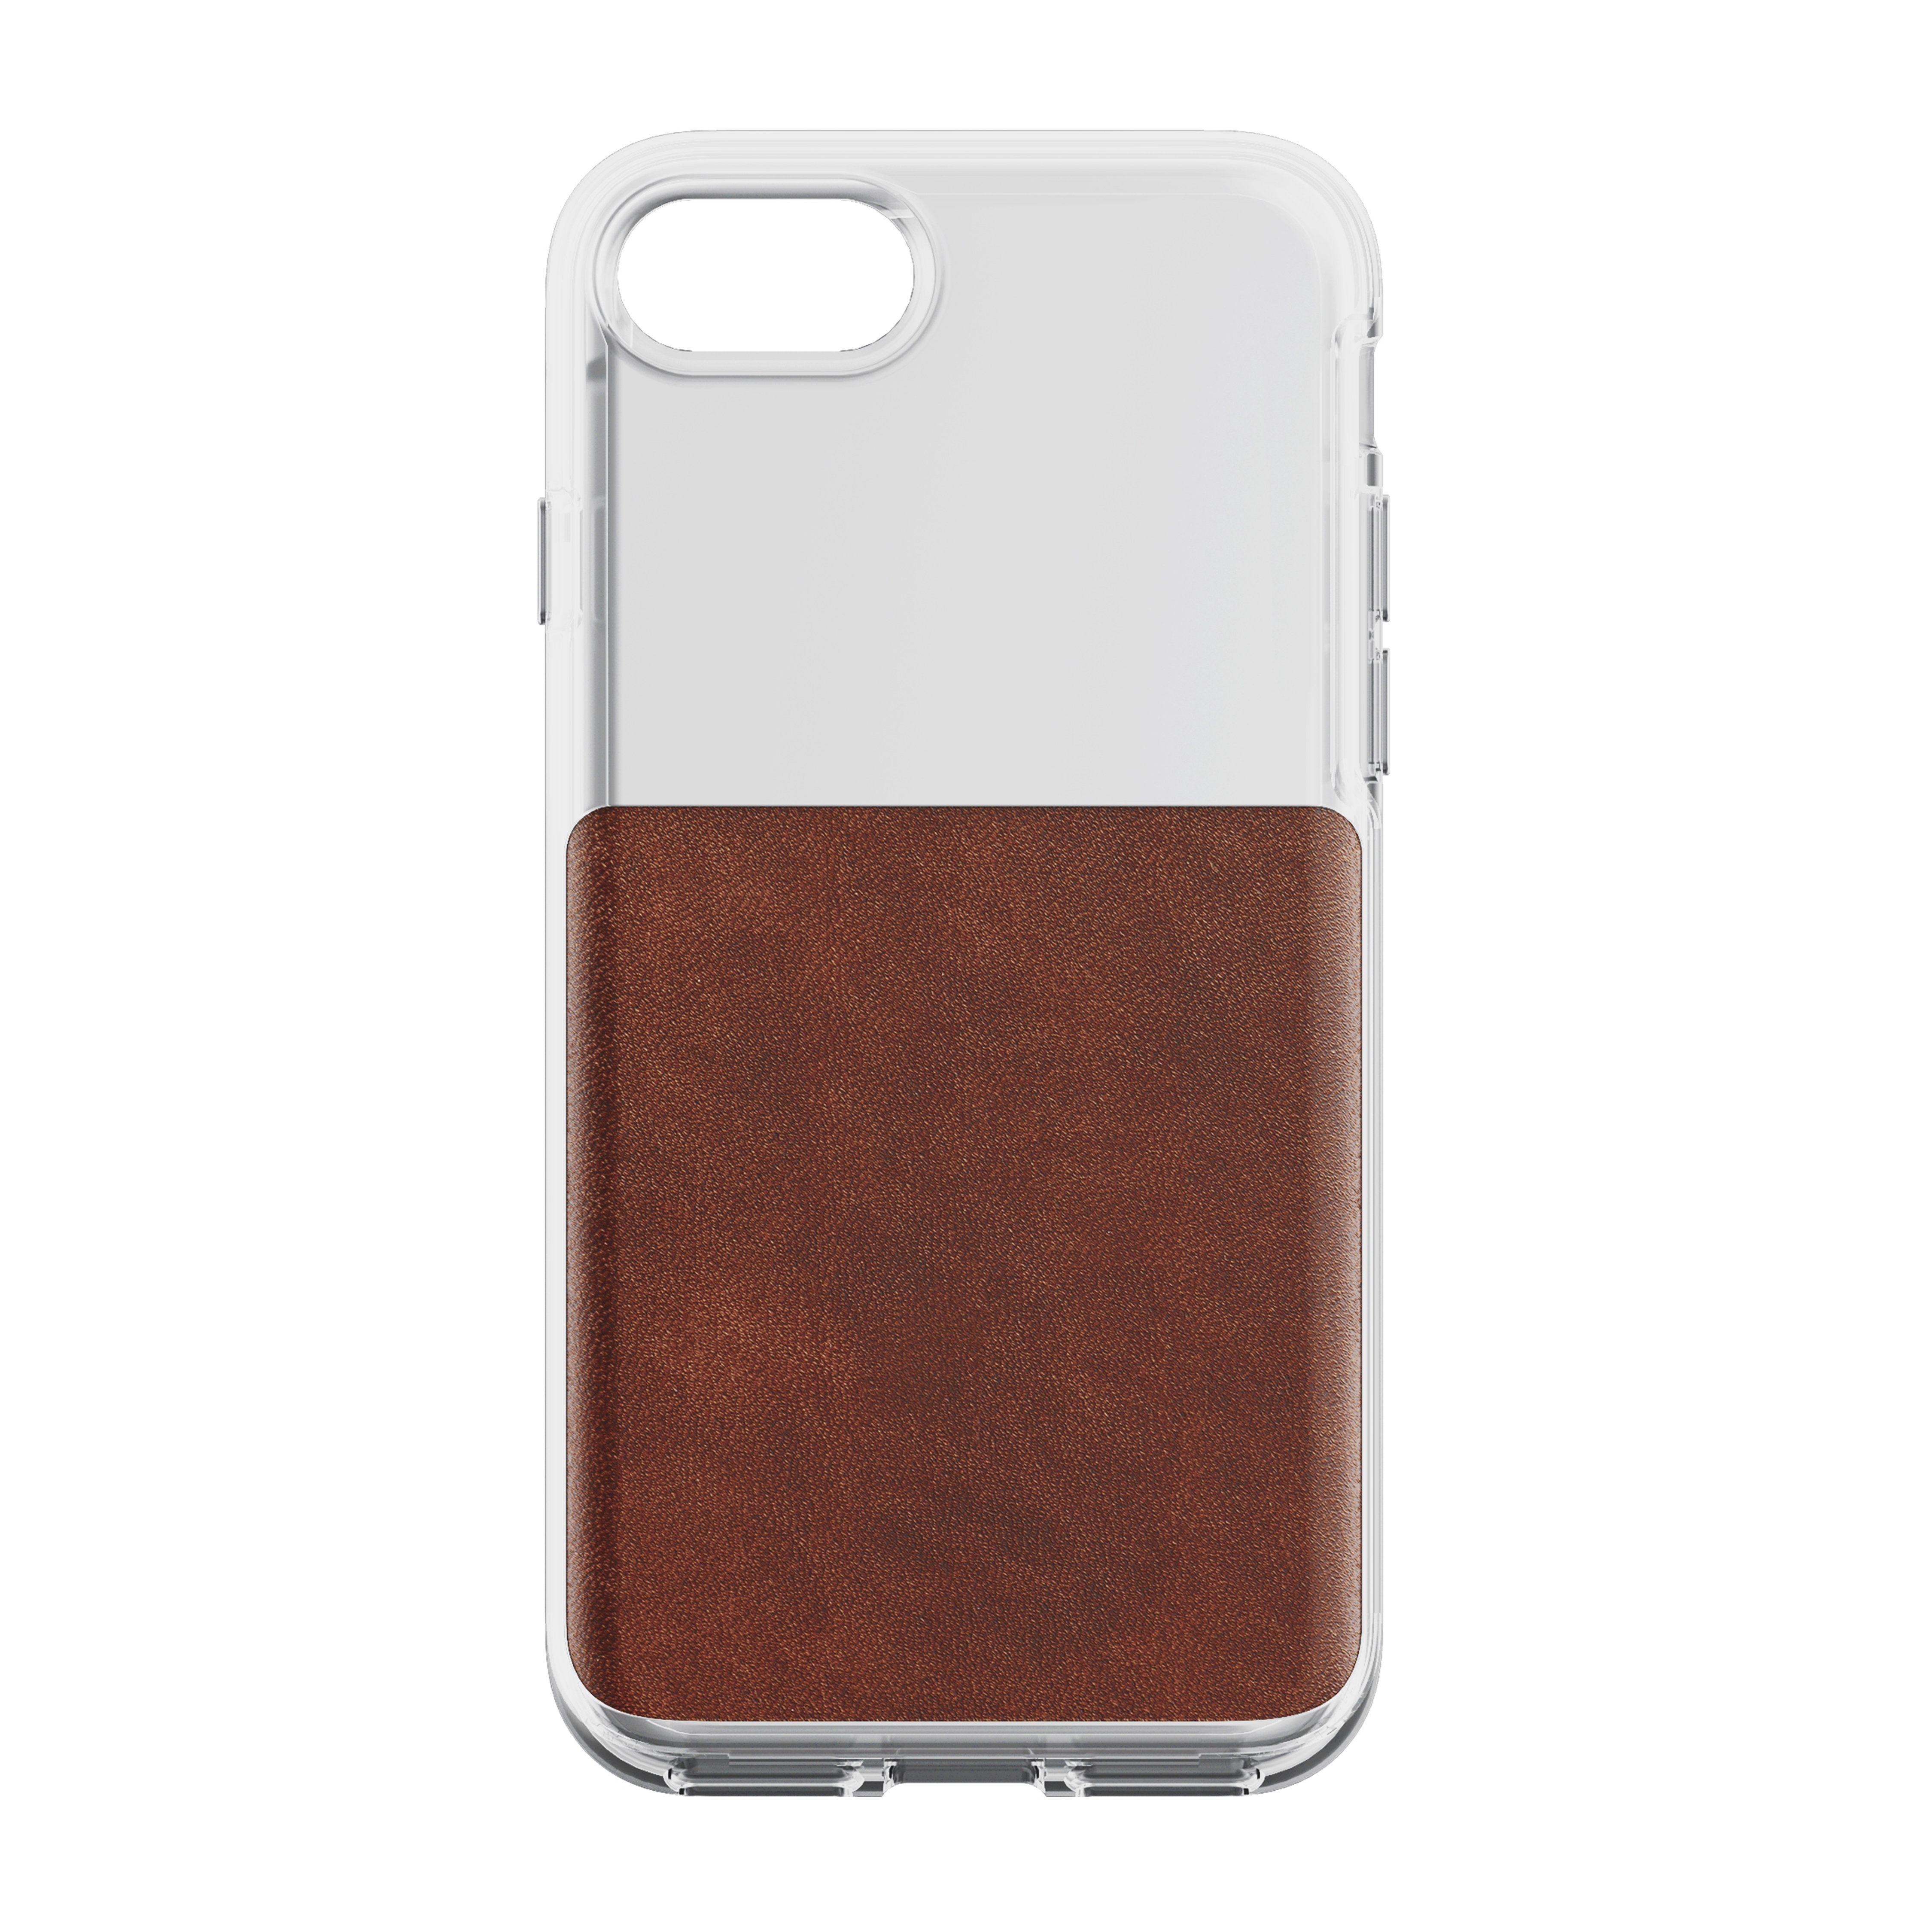 Nomad Schutzhülle für iPhone 7 und 8 »Clear Case - 8/7«